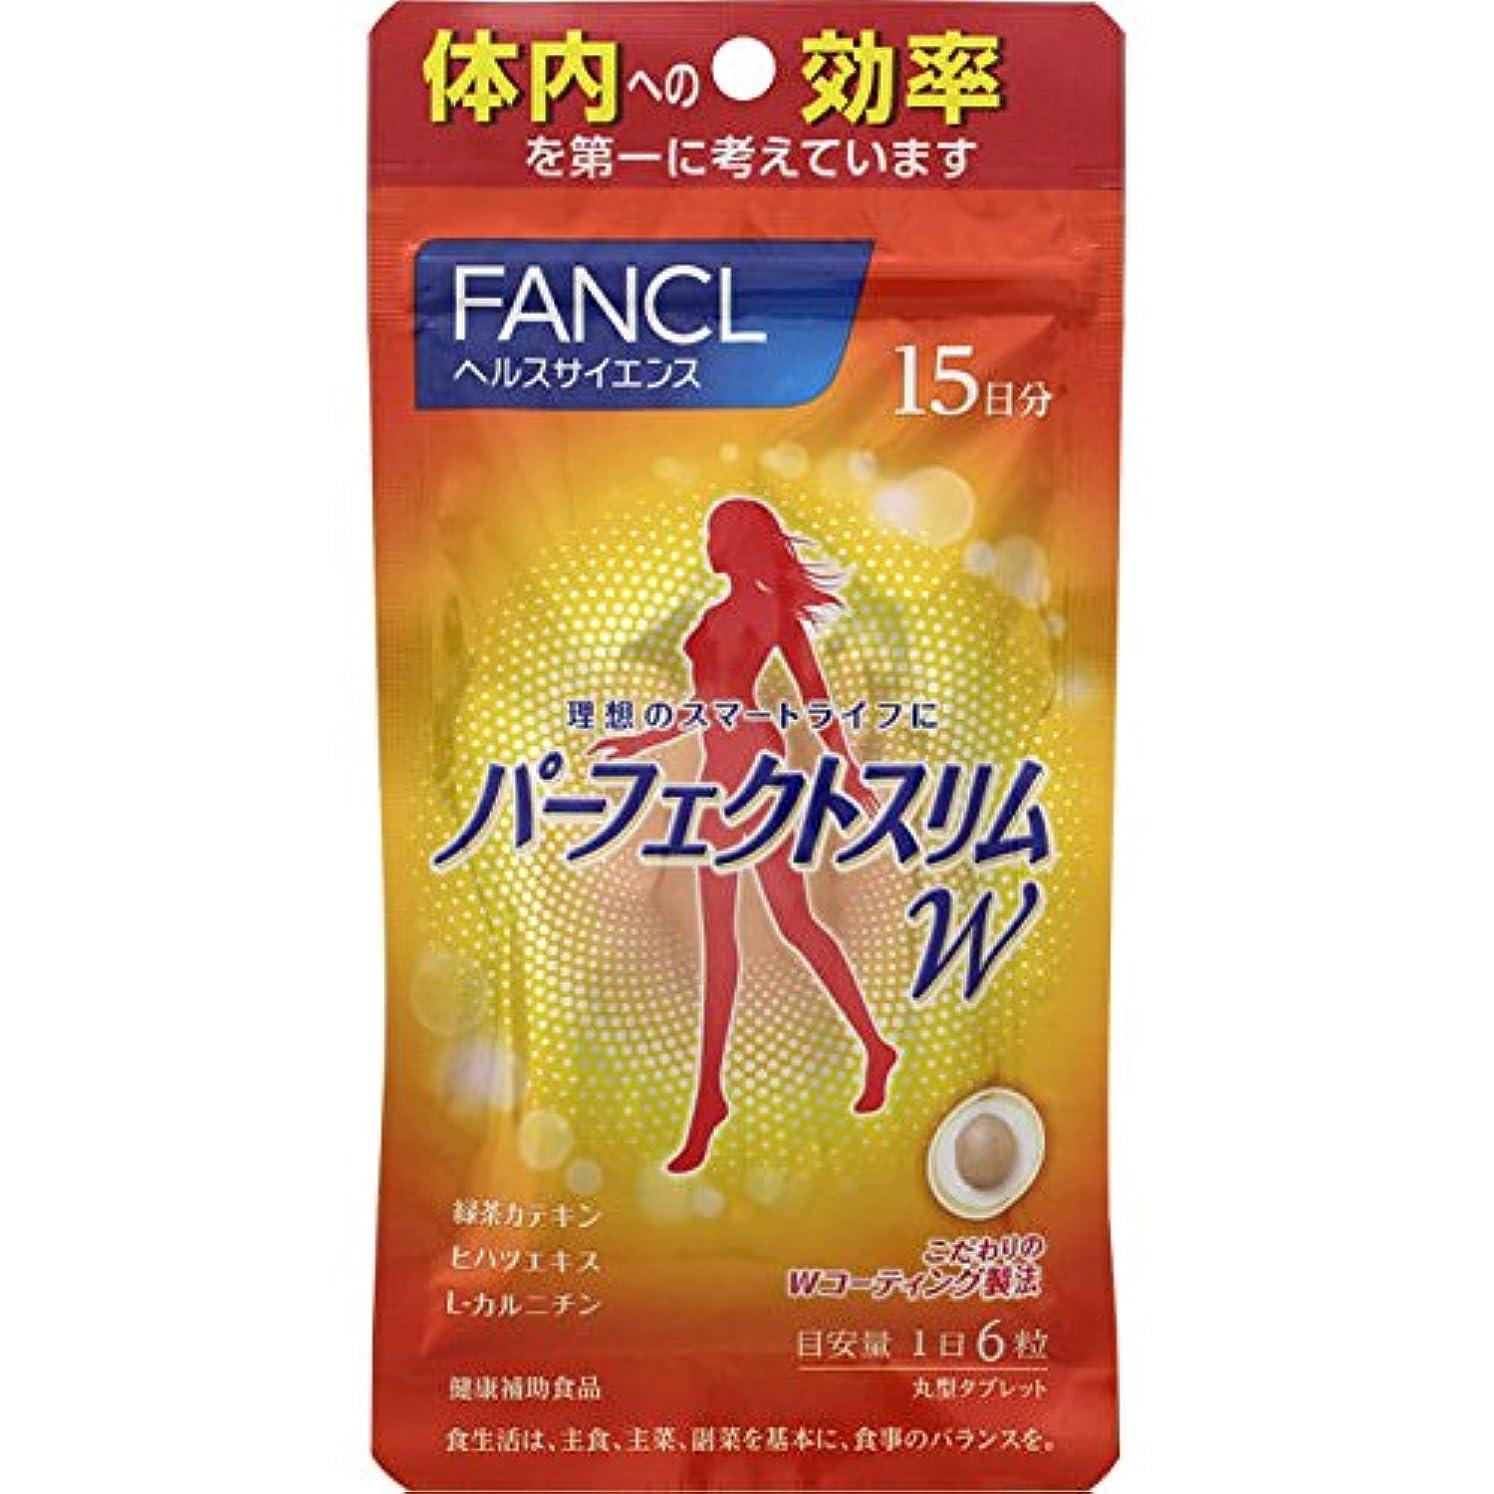 有効ハーネス美容師FANCL ファンケル パーフェクトスリム W 15日分 (90粒) 緑茶カテキン ヒハツエキス